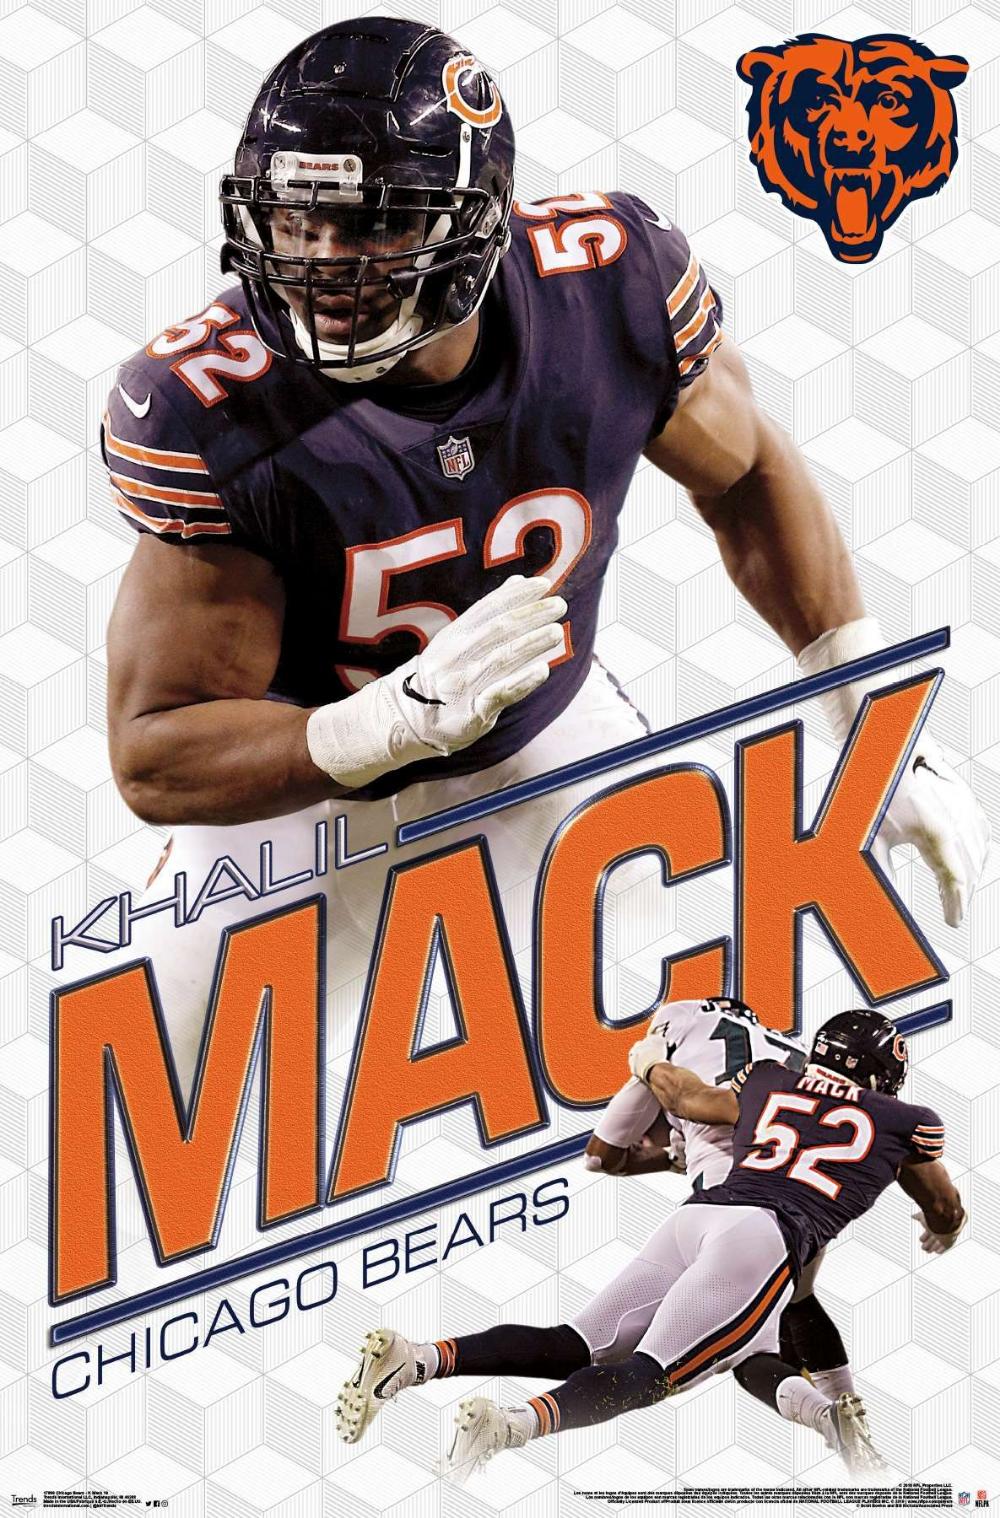 Nfl Chicago Bears Khalil Mack 19 Chicago Bears Pictures Chicago Bears Wallpaper Chicago Bears